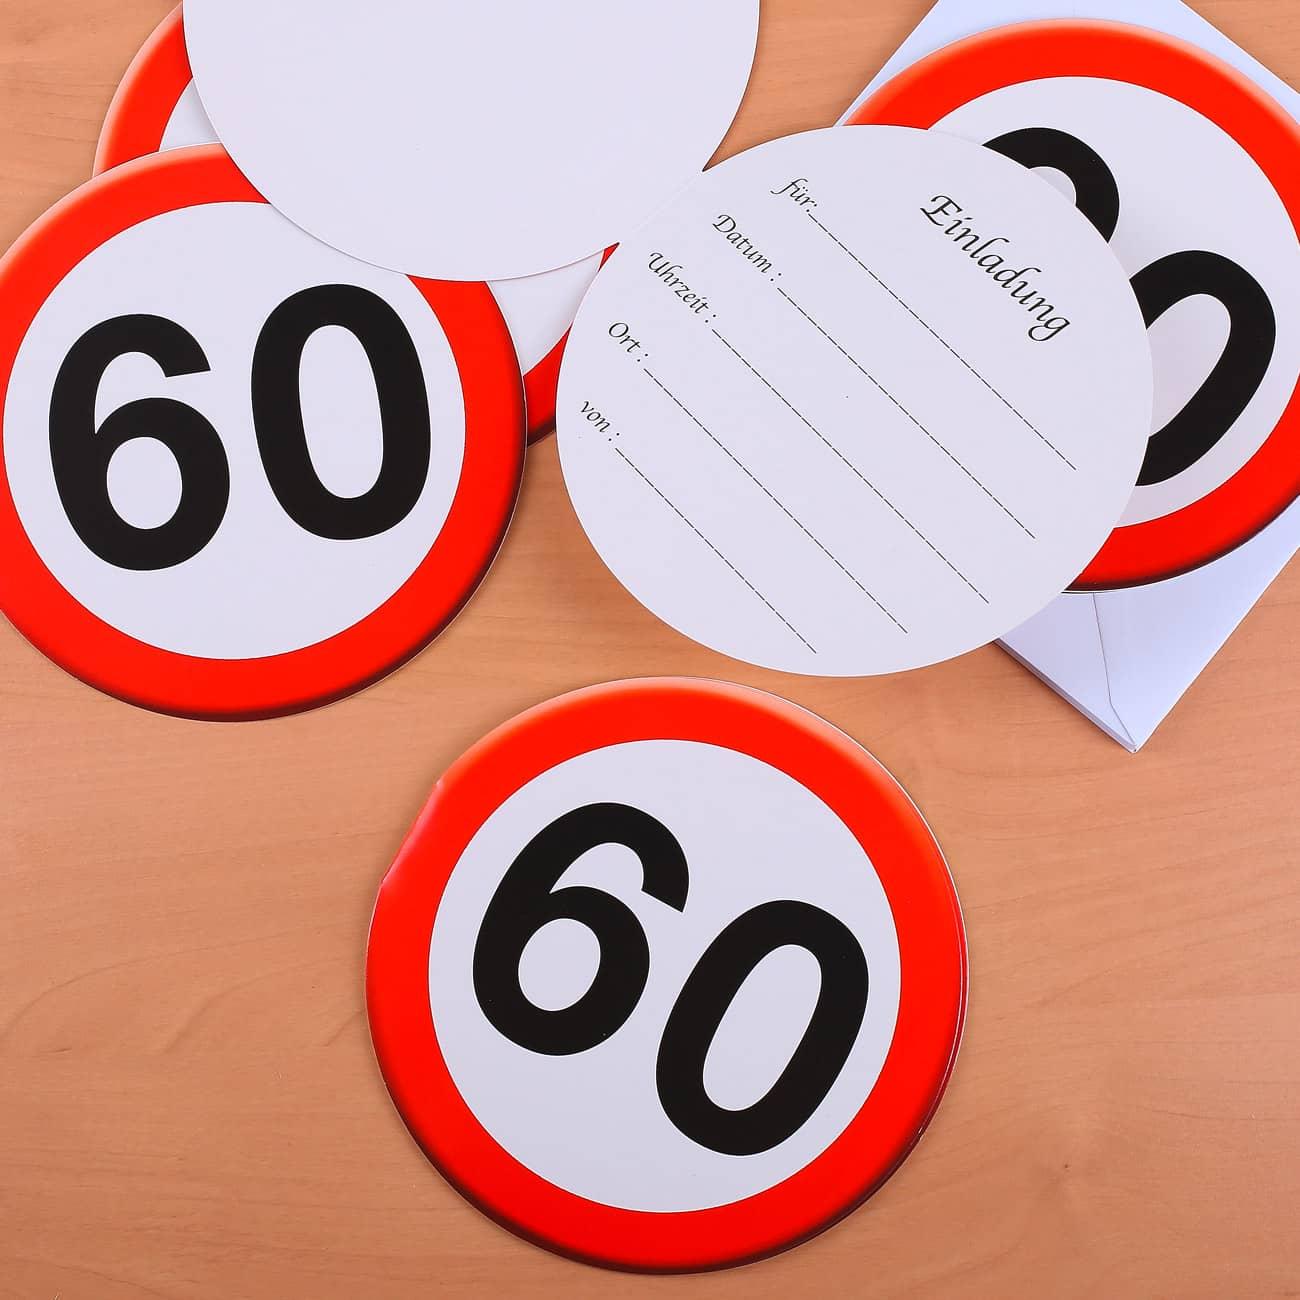 einladungskarten set mit verkehszeichen zum 60 geburtstag geschenke. Black Bedroom Furniture Sets. Home Design Ideas